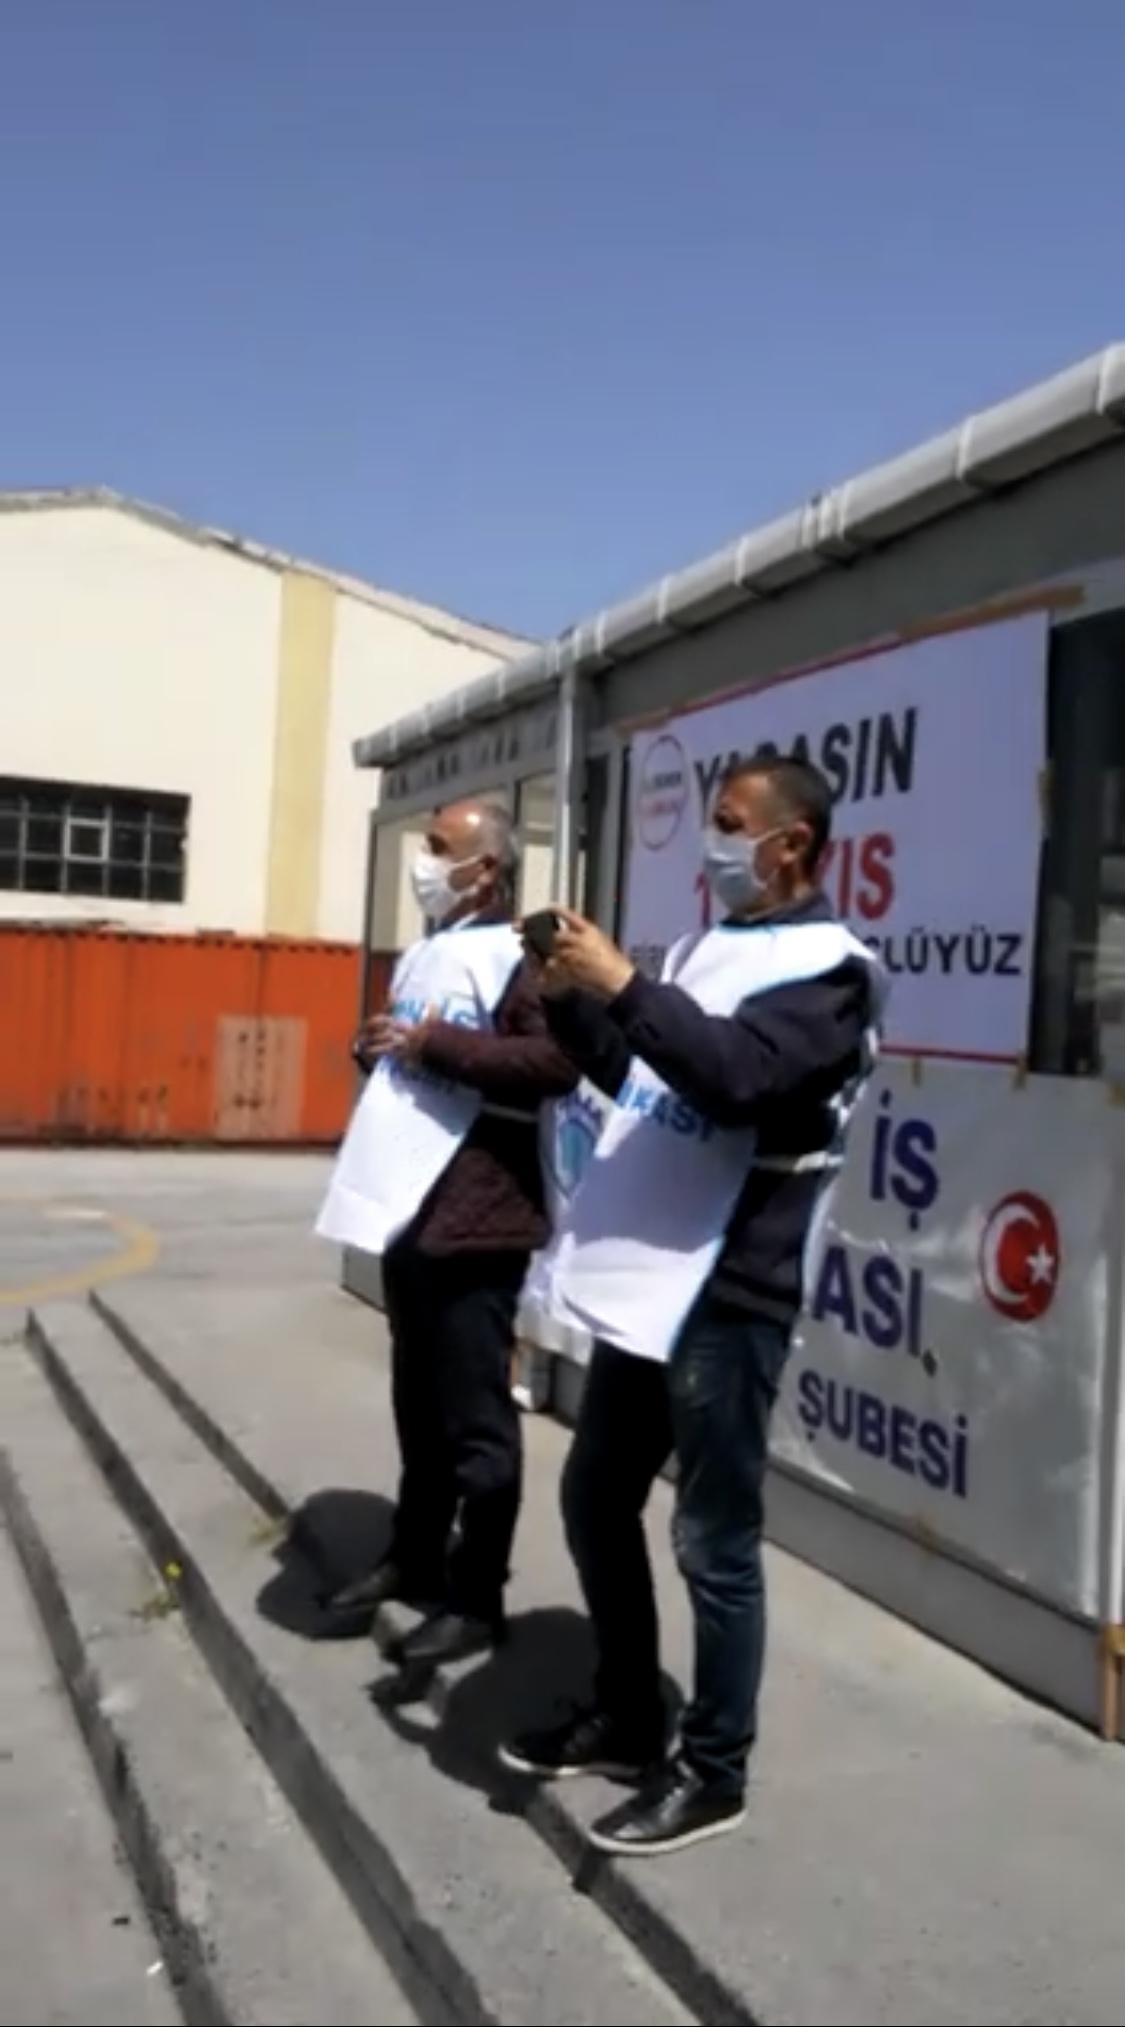 İstanbul Şube Başkanlığının Haydar Paşa Limanındaki 1 Mayıs Etkinliği